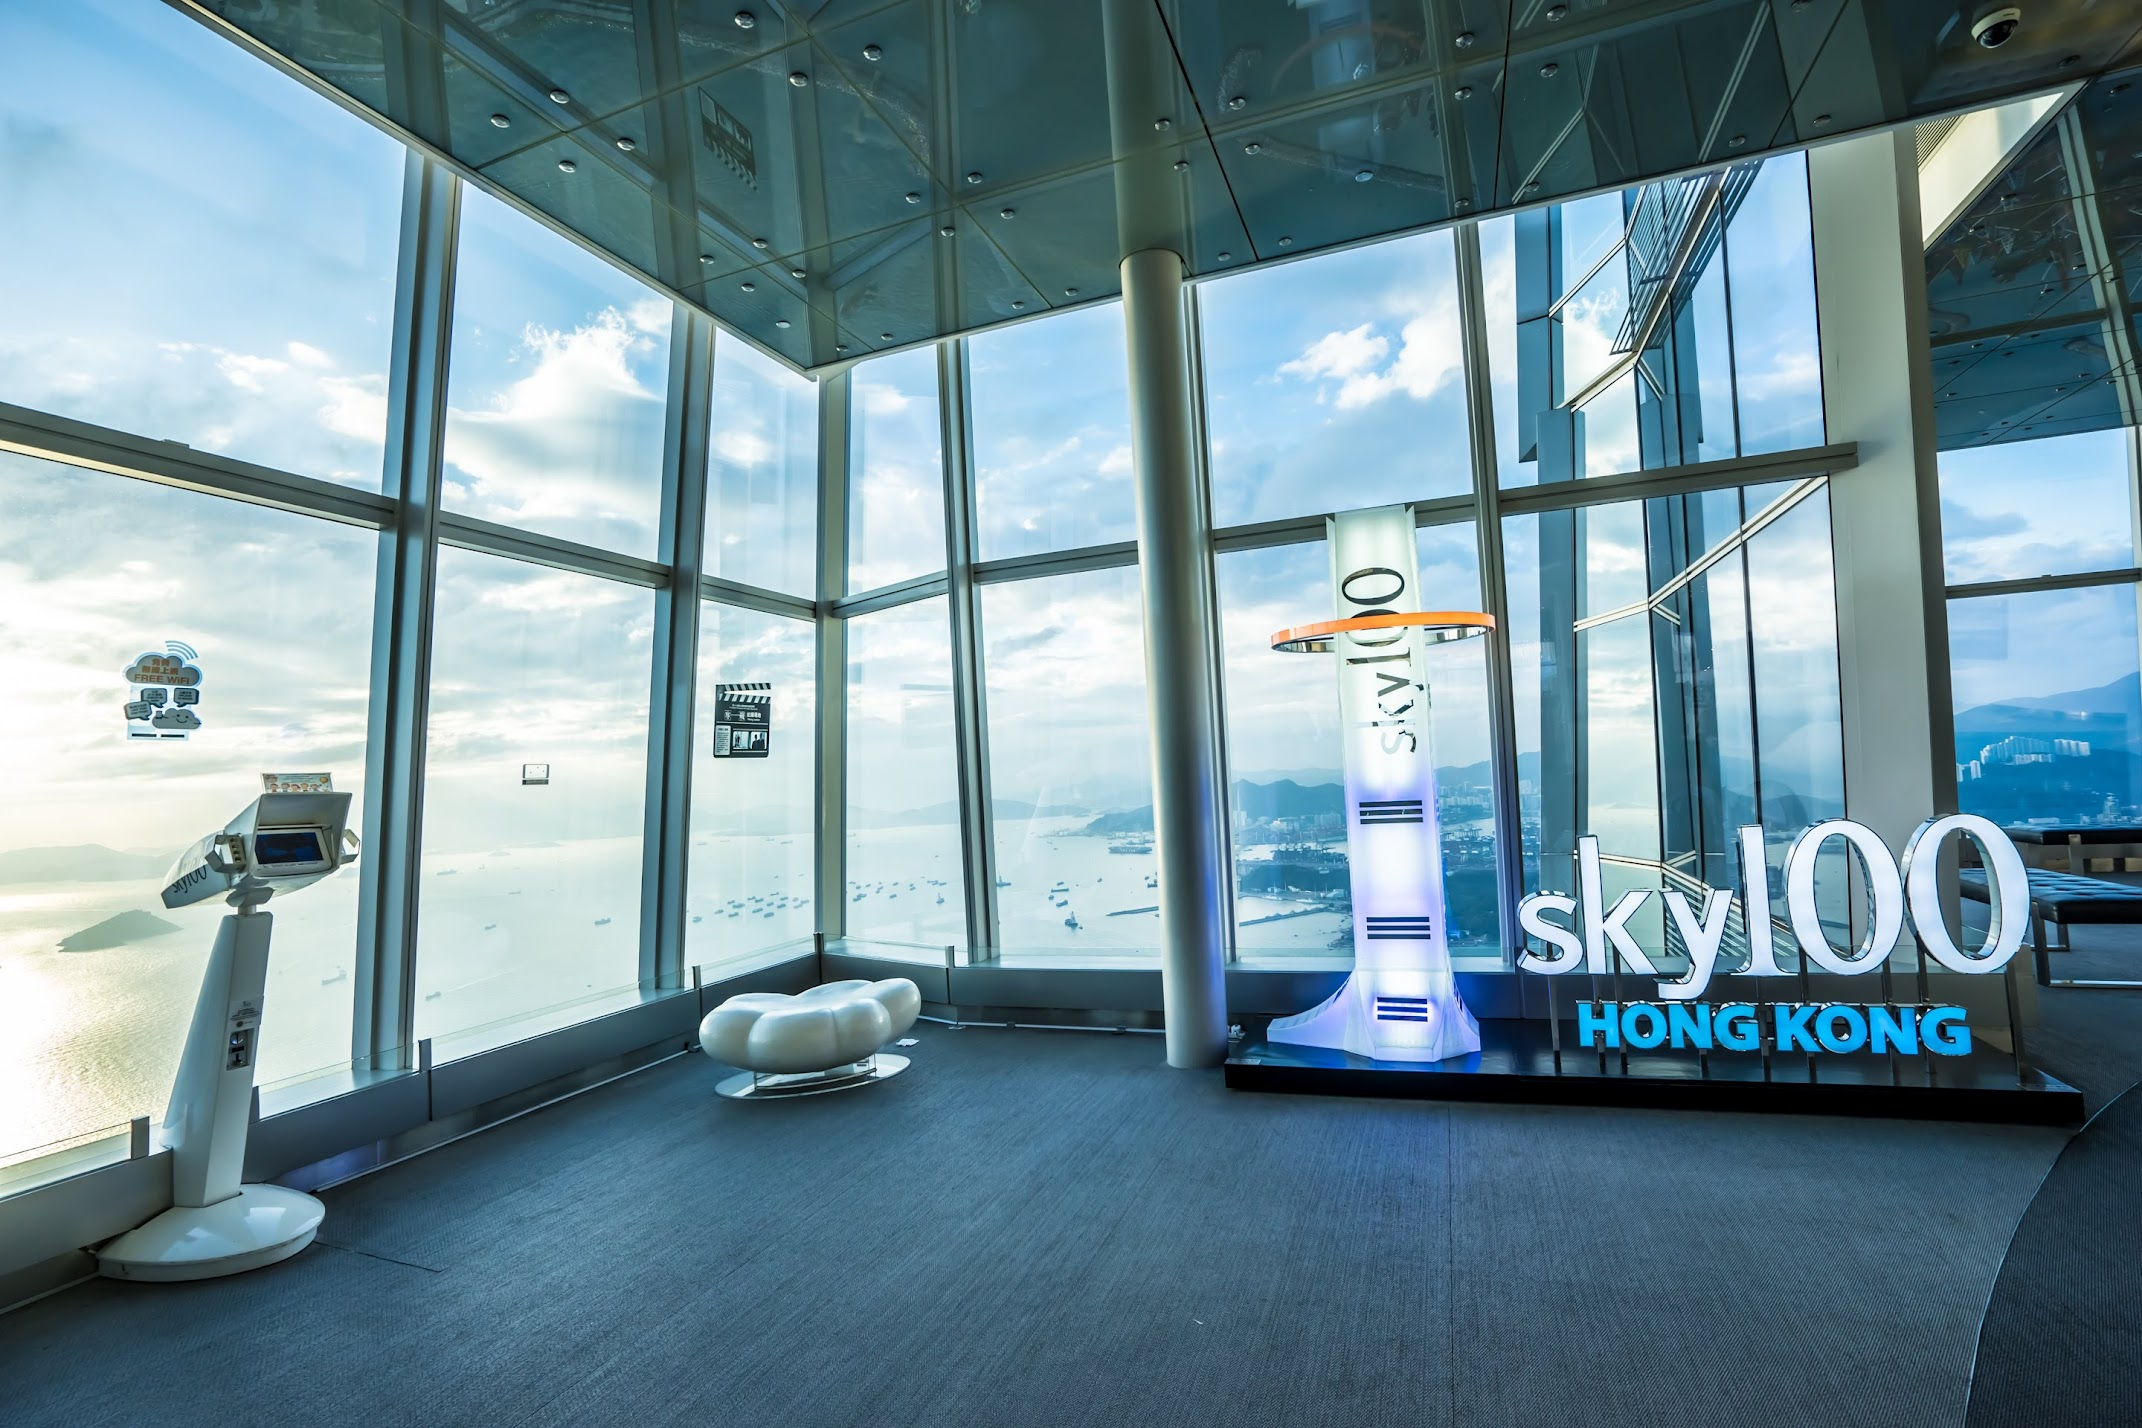 香港 スカイ100(sky100)6